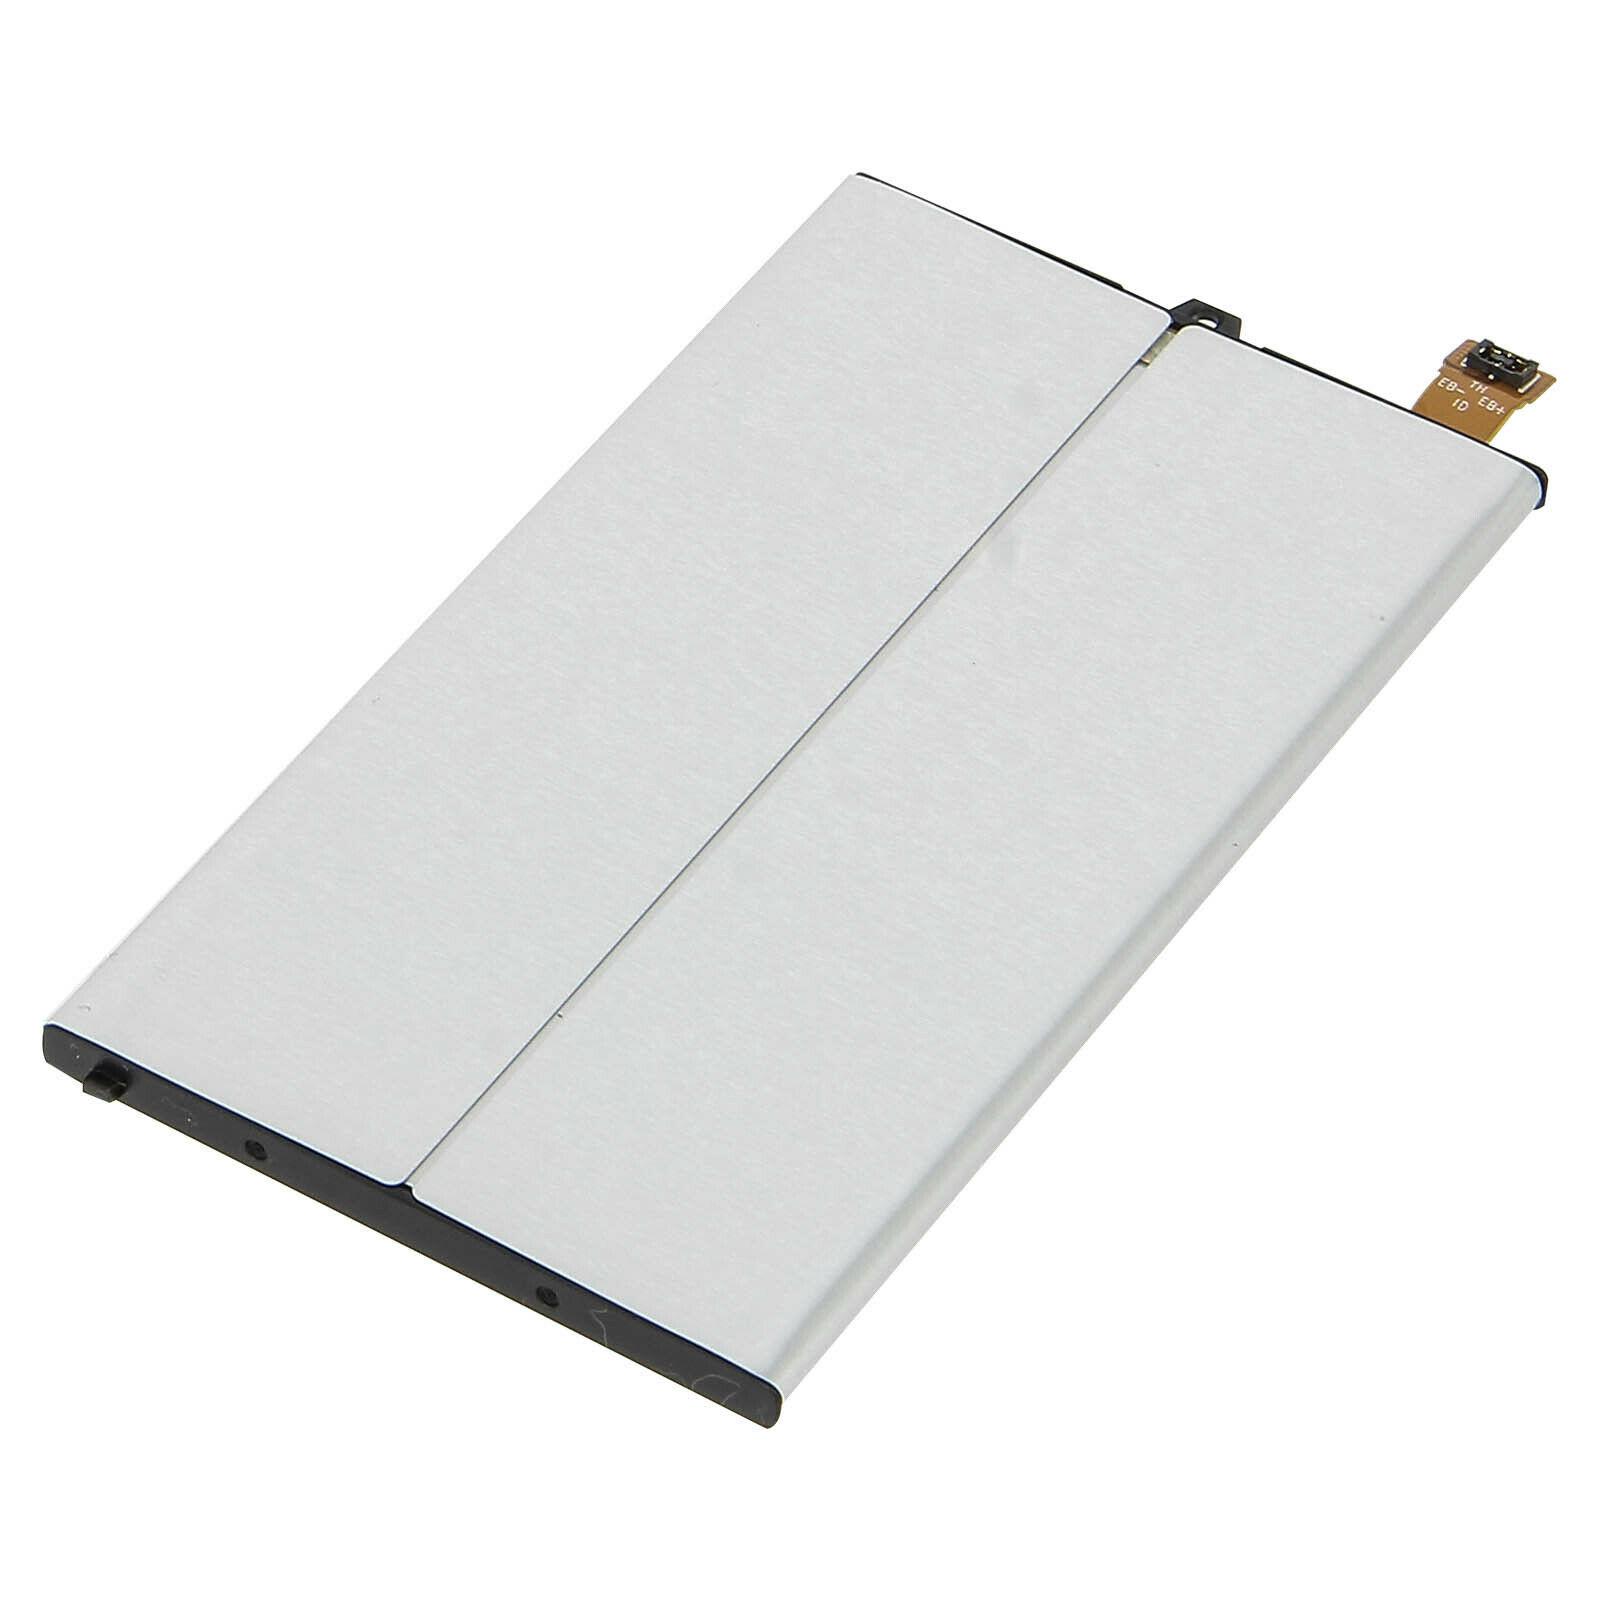 باتری-گوشی-موبایل-سونی-اکسپریا-زد-وان-کامپکت-Sony-Xperia-XZ1-Compact-G8441-2700mAh-LIP1648ERPC....jpg